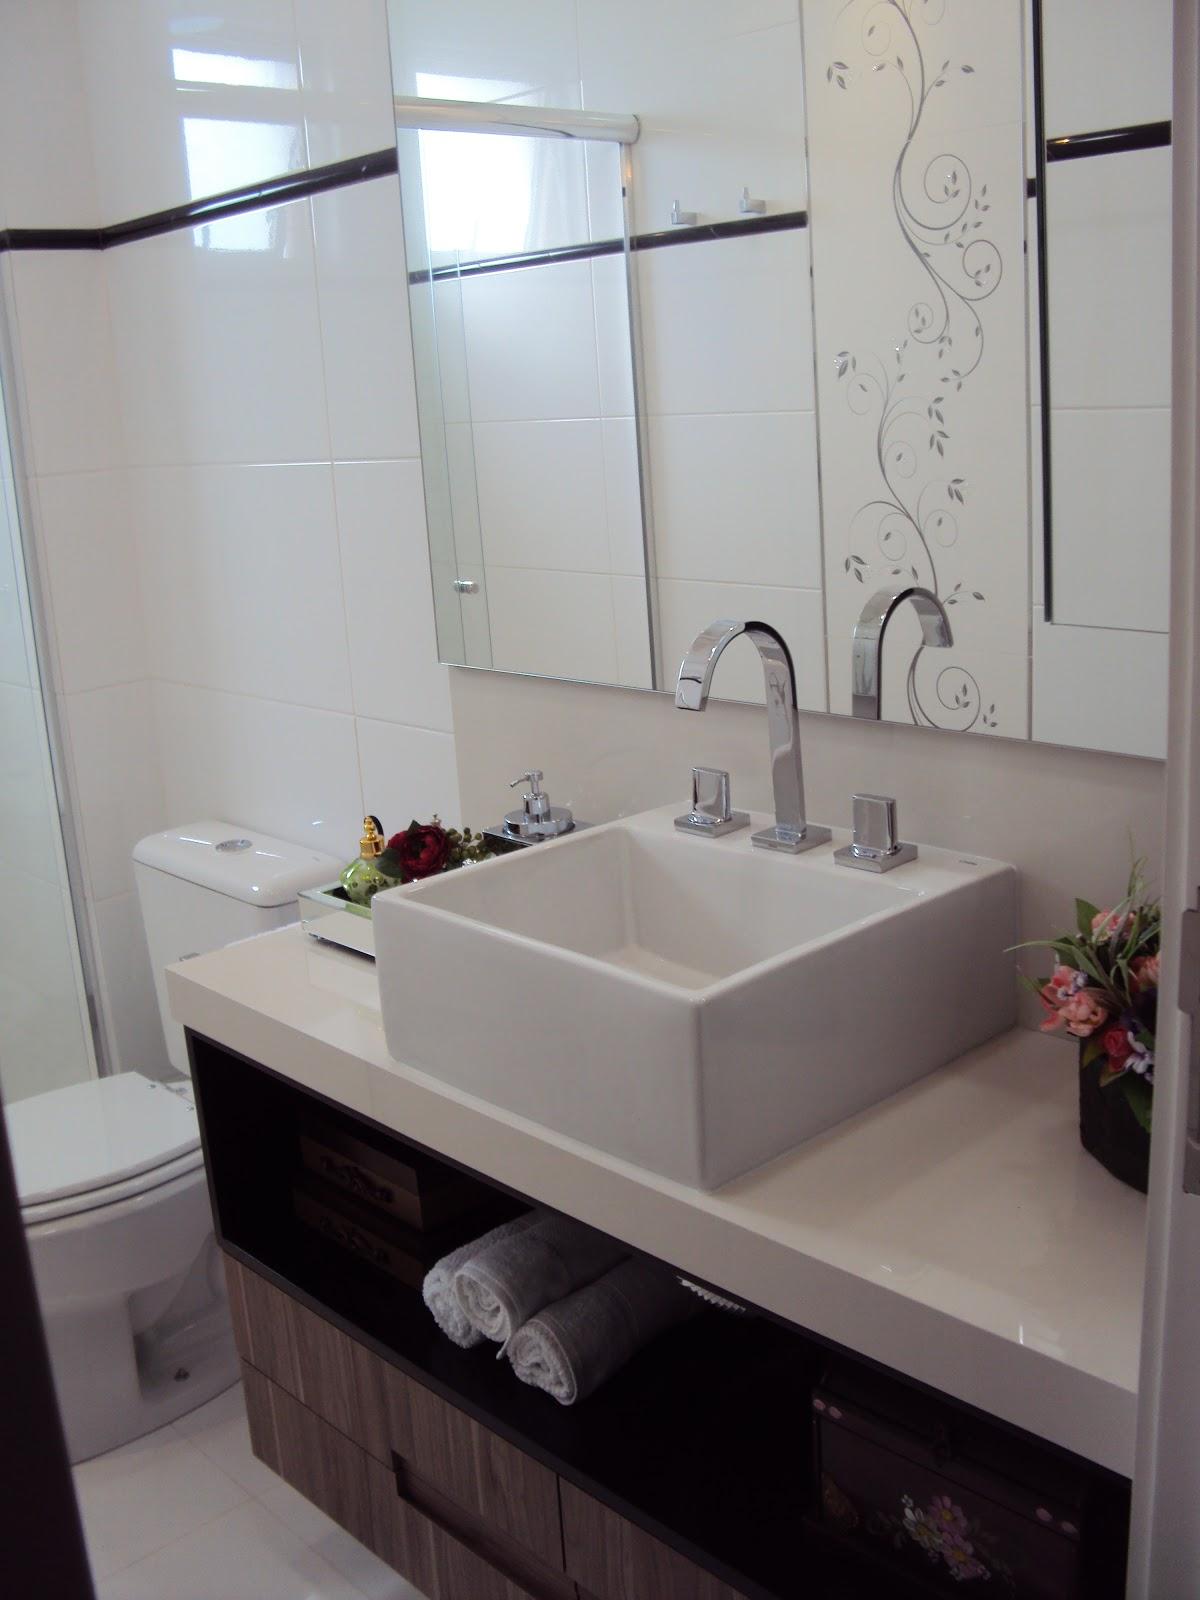 Imagens de #20171A Vamos Casar: Banheiros Casa Nova e sousplat de mdf 1200x1600 px 2768 Box Banheiro Nova Lima